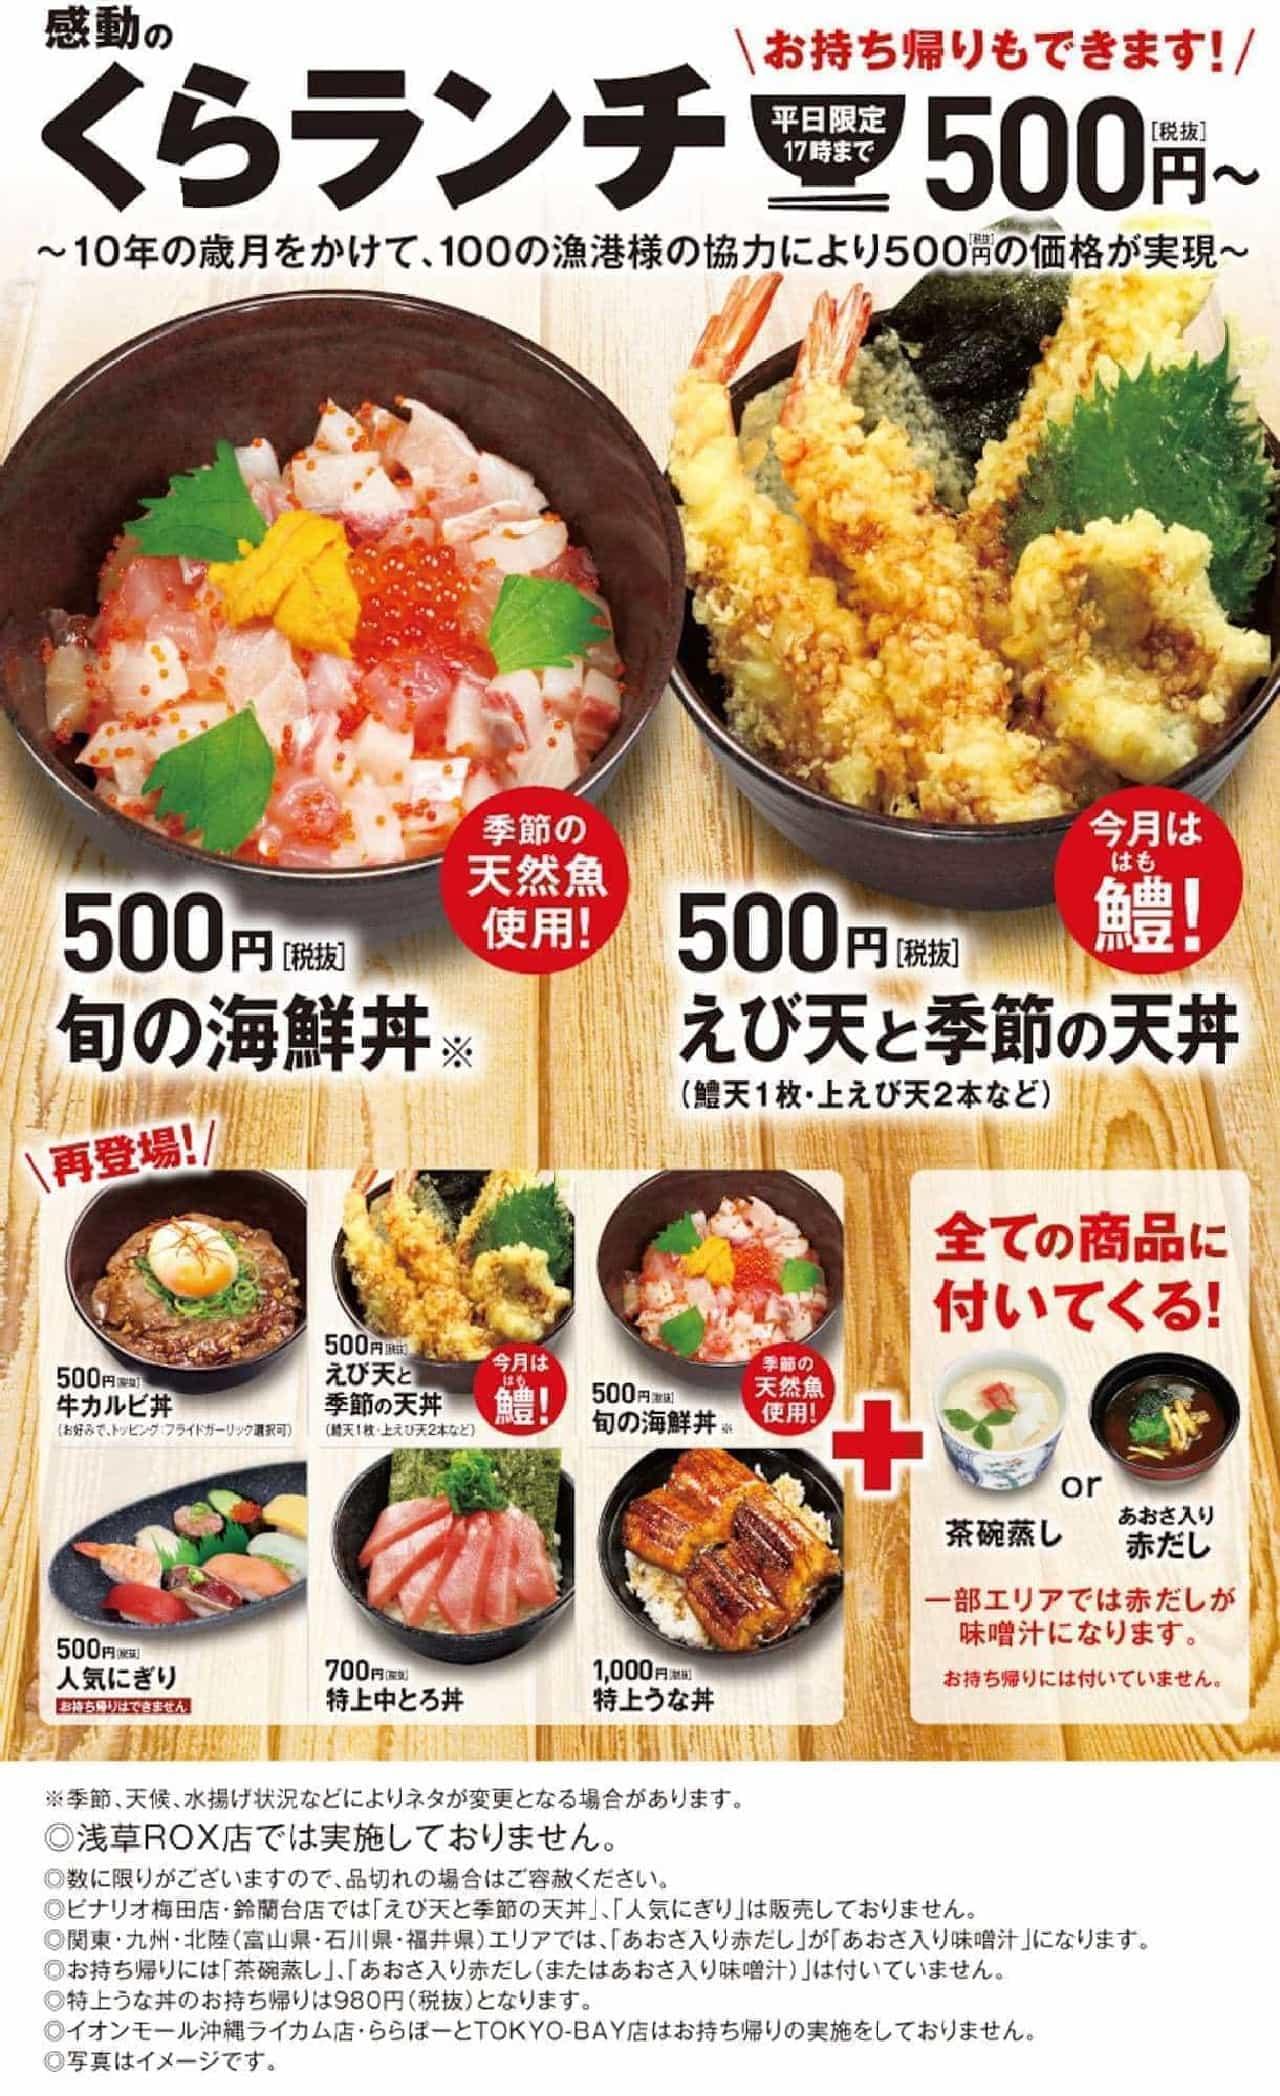 くら寿司「感動のくらランチ」